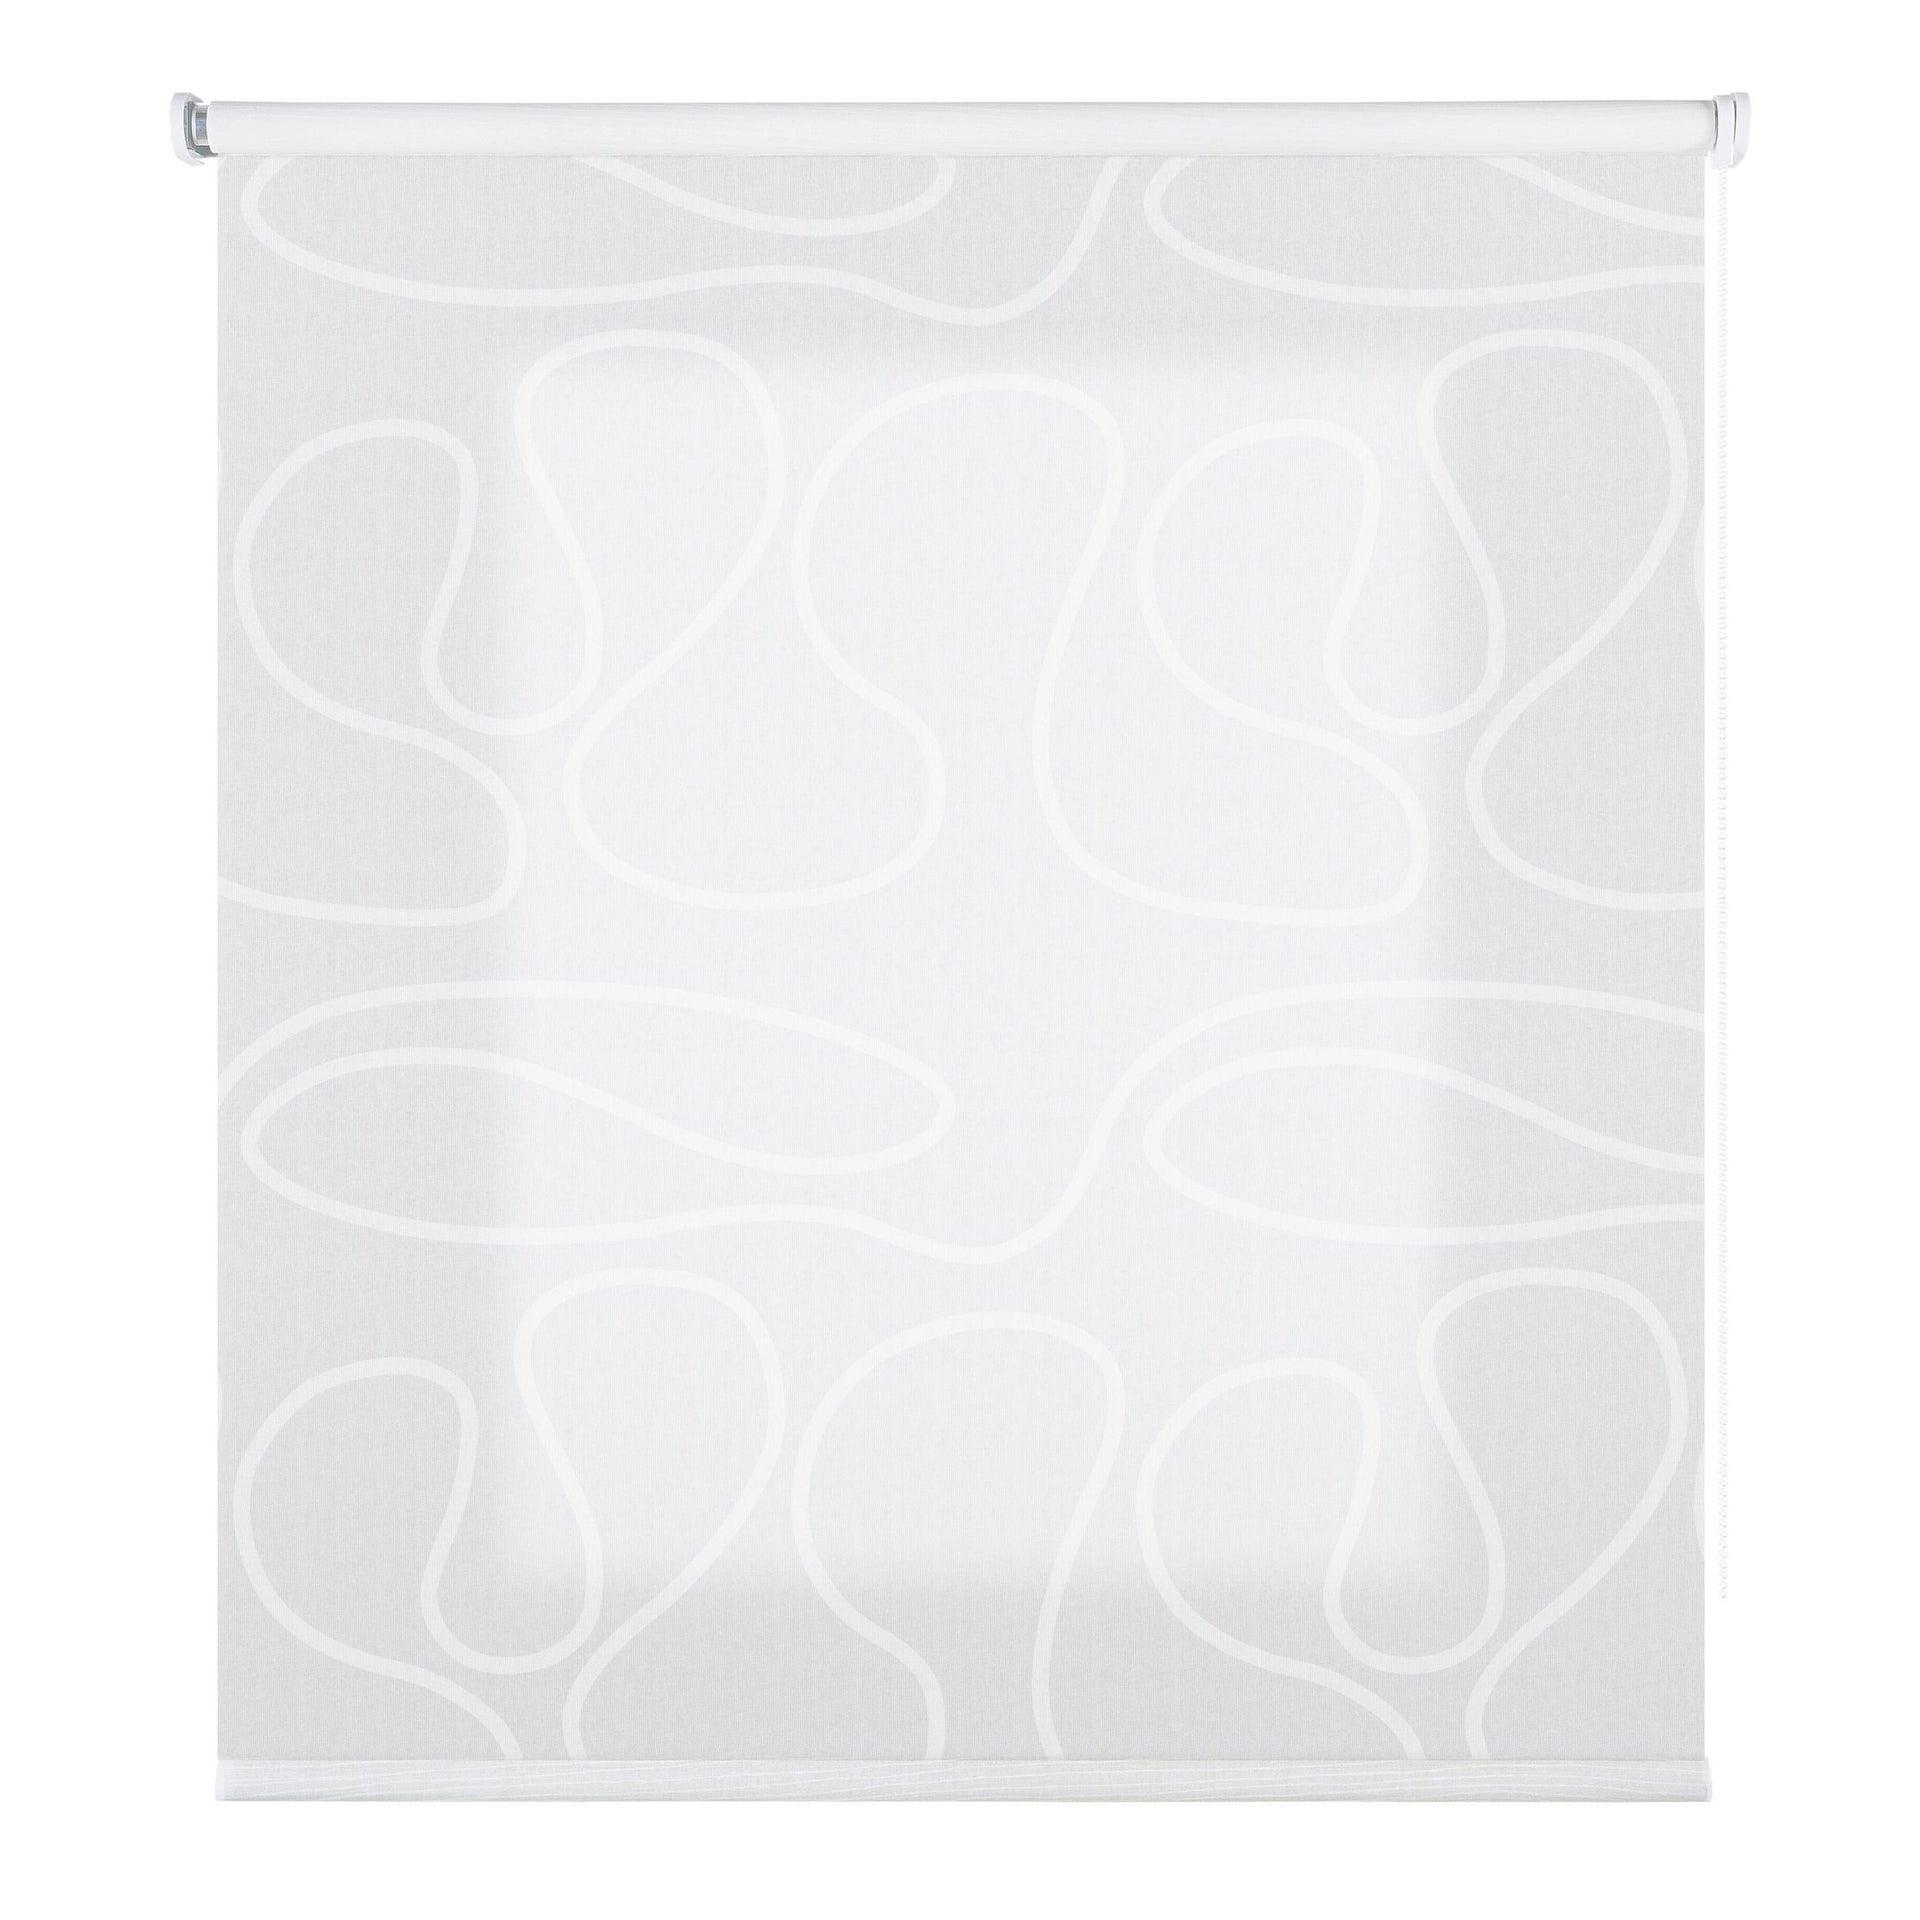 Tenda a rullo filtrante Duna bianco 45 x 250 cm - 3